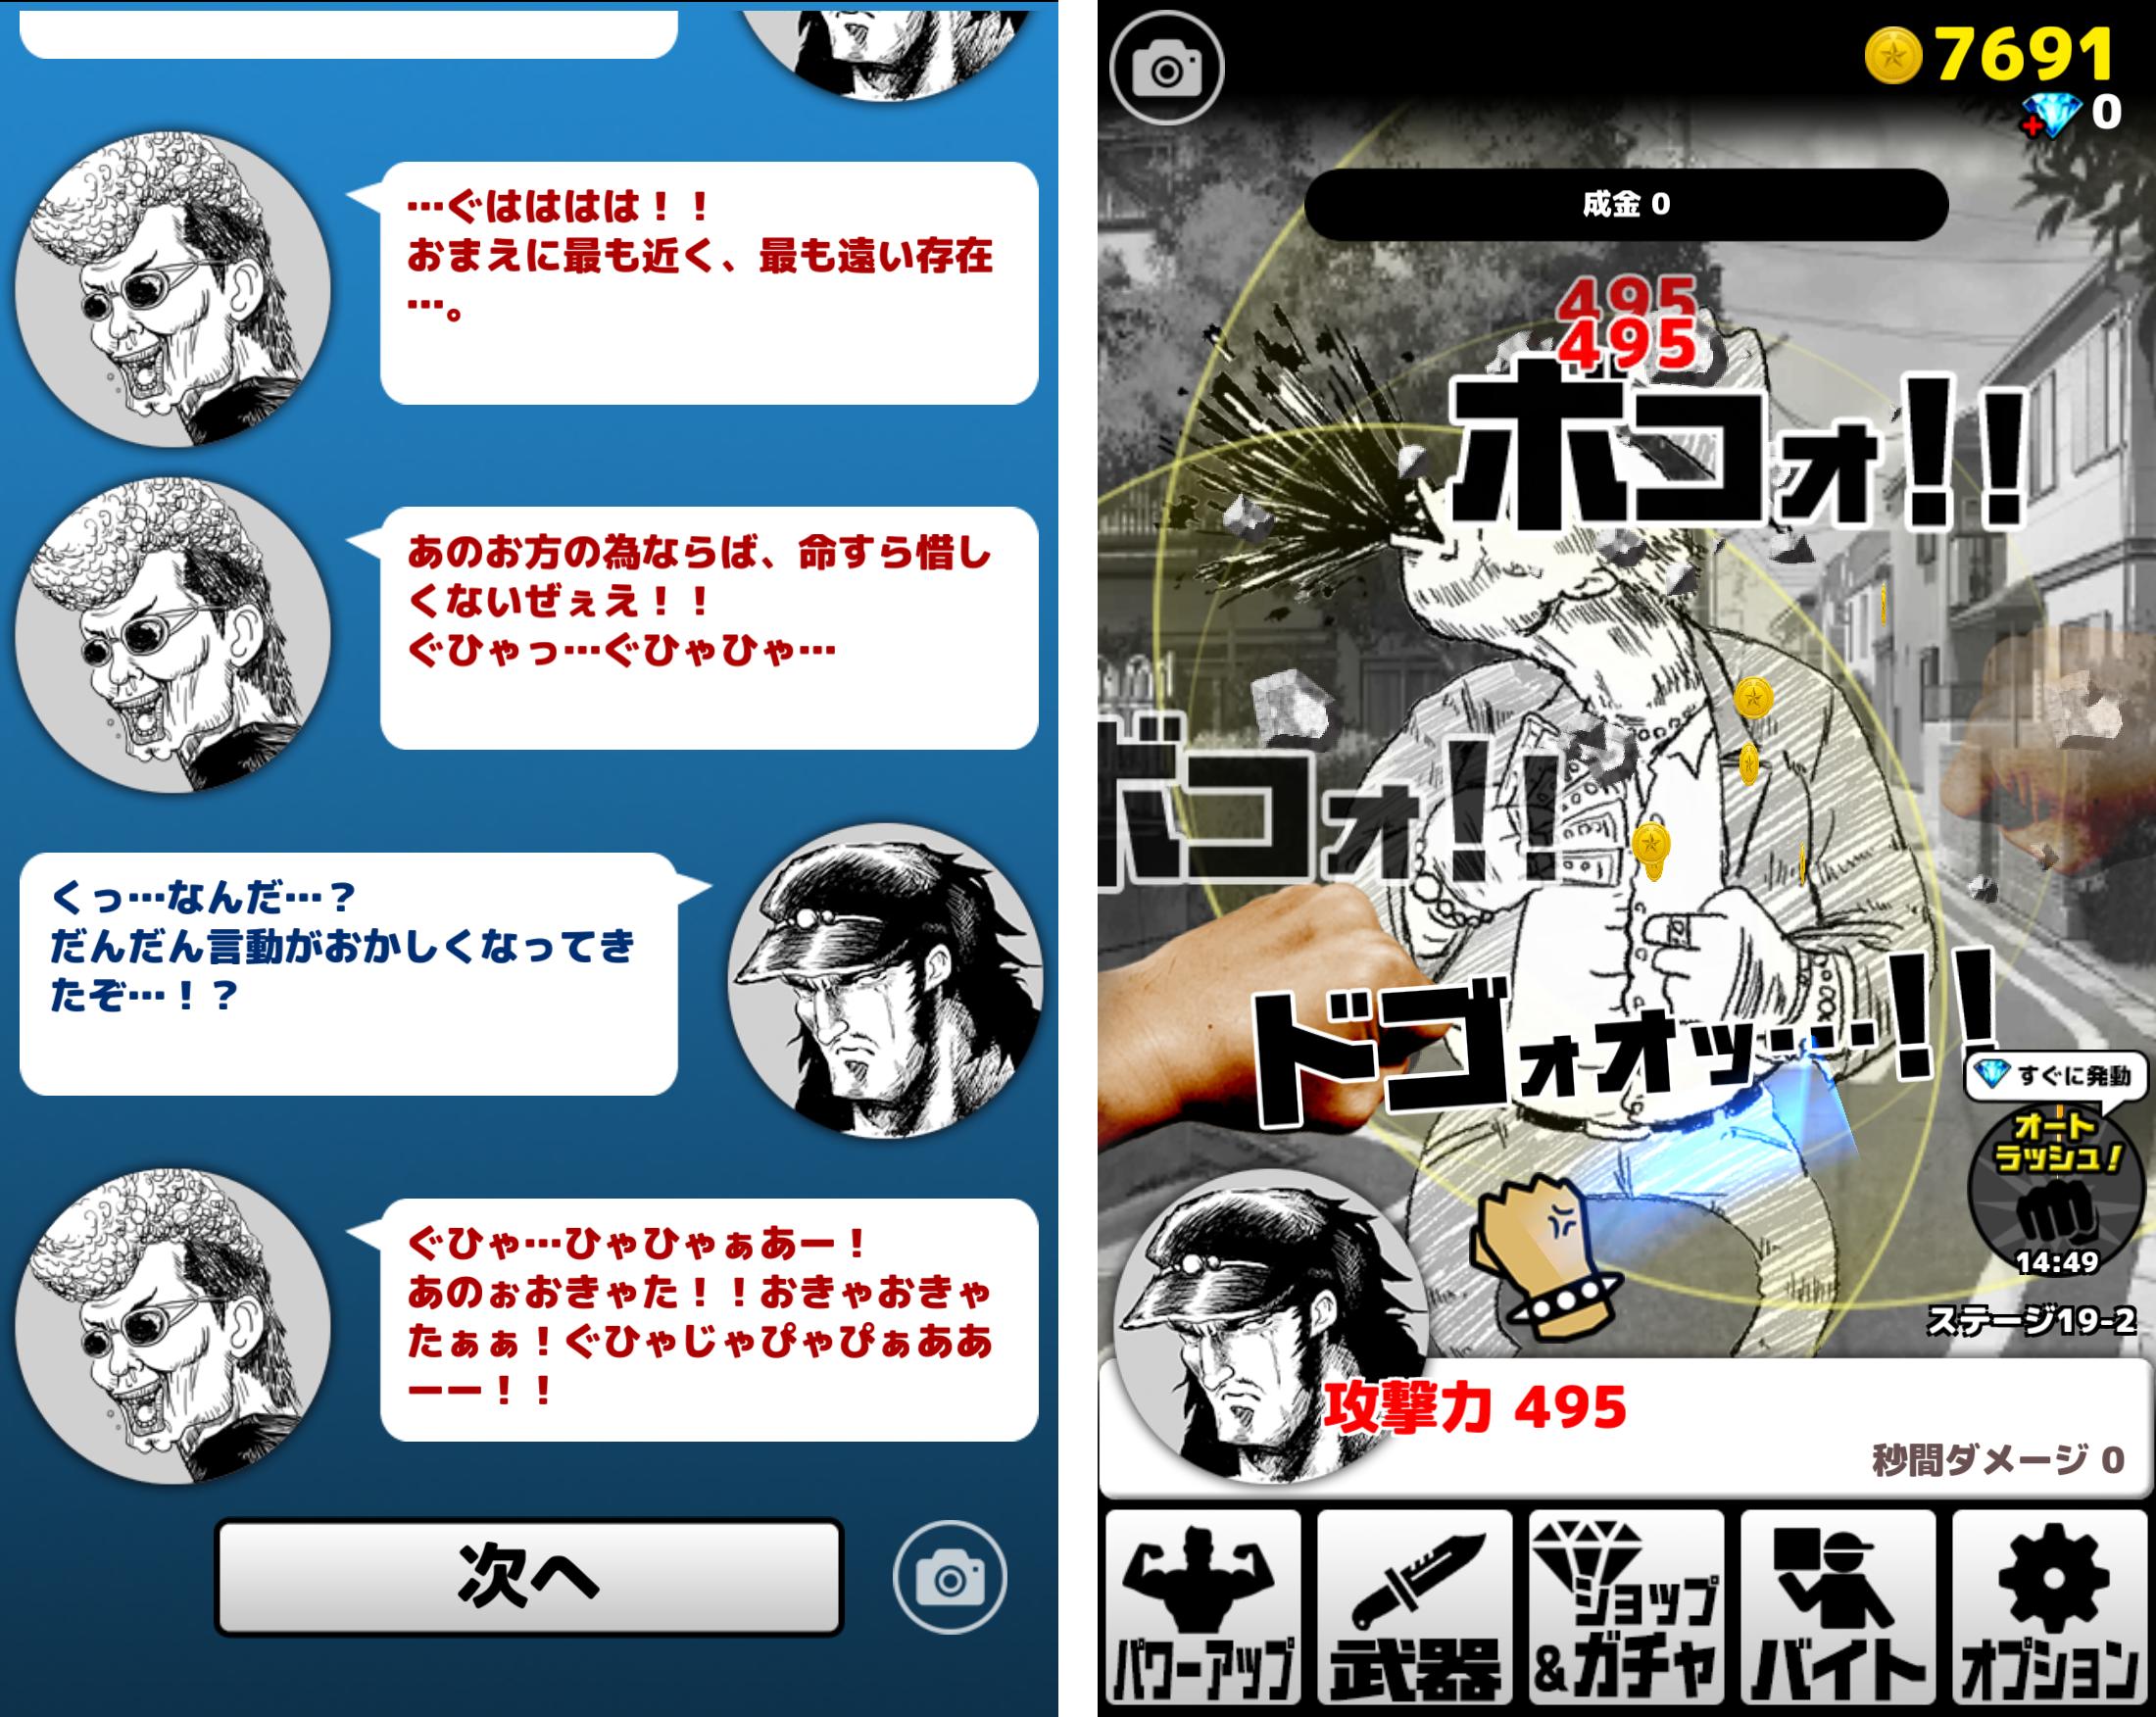 ゲス野郎と拳 androidアプリスクリーンショット2